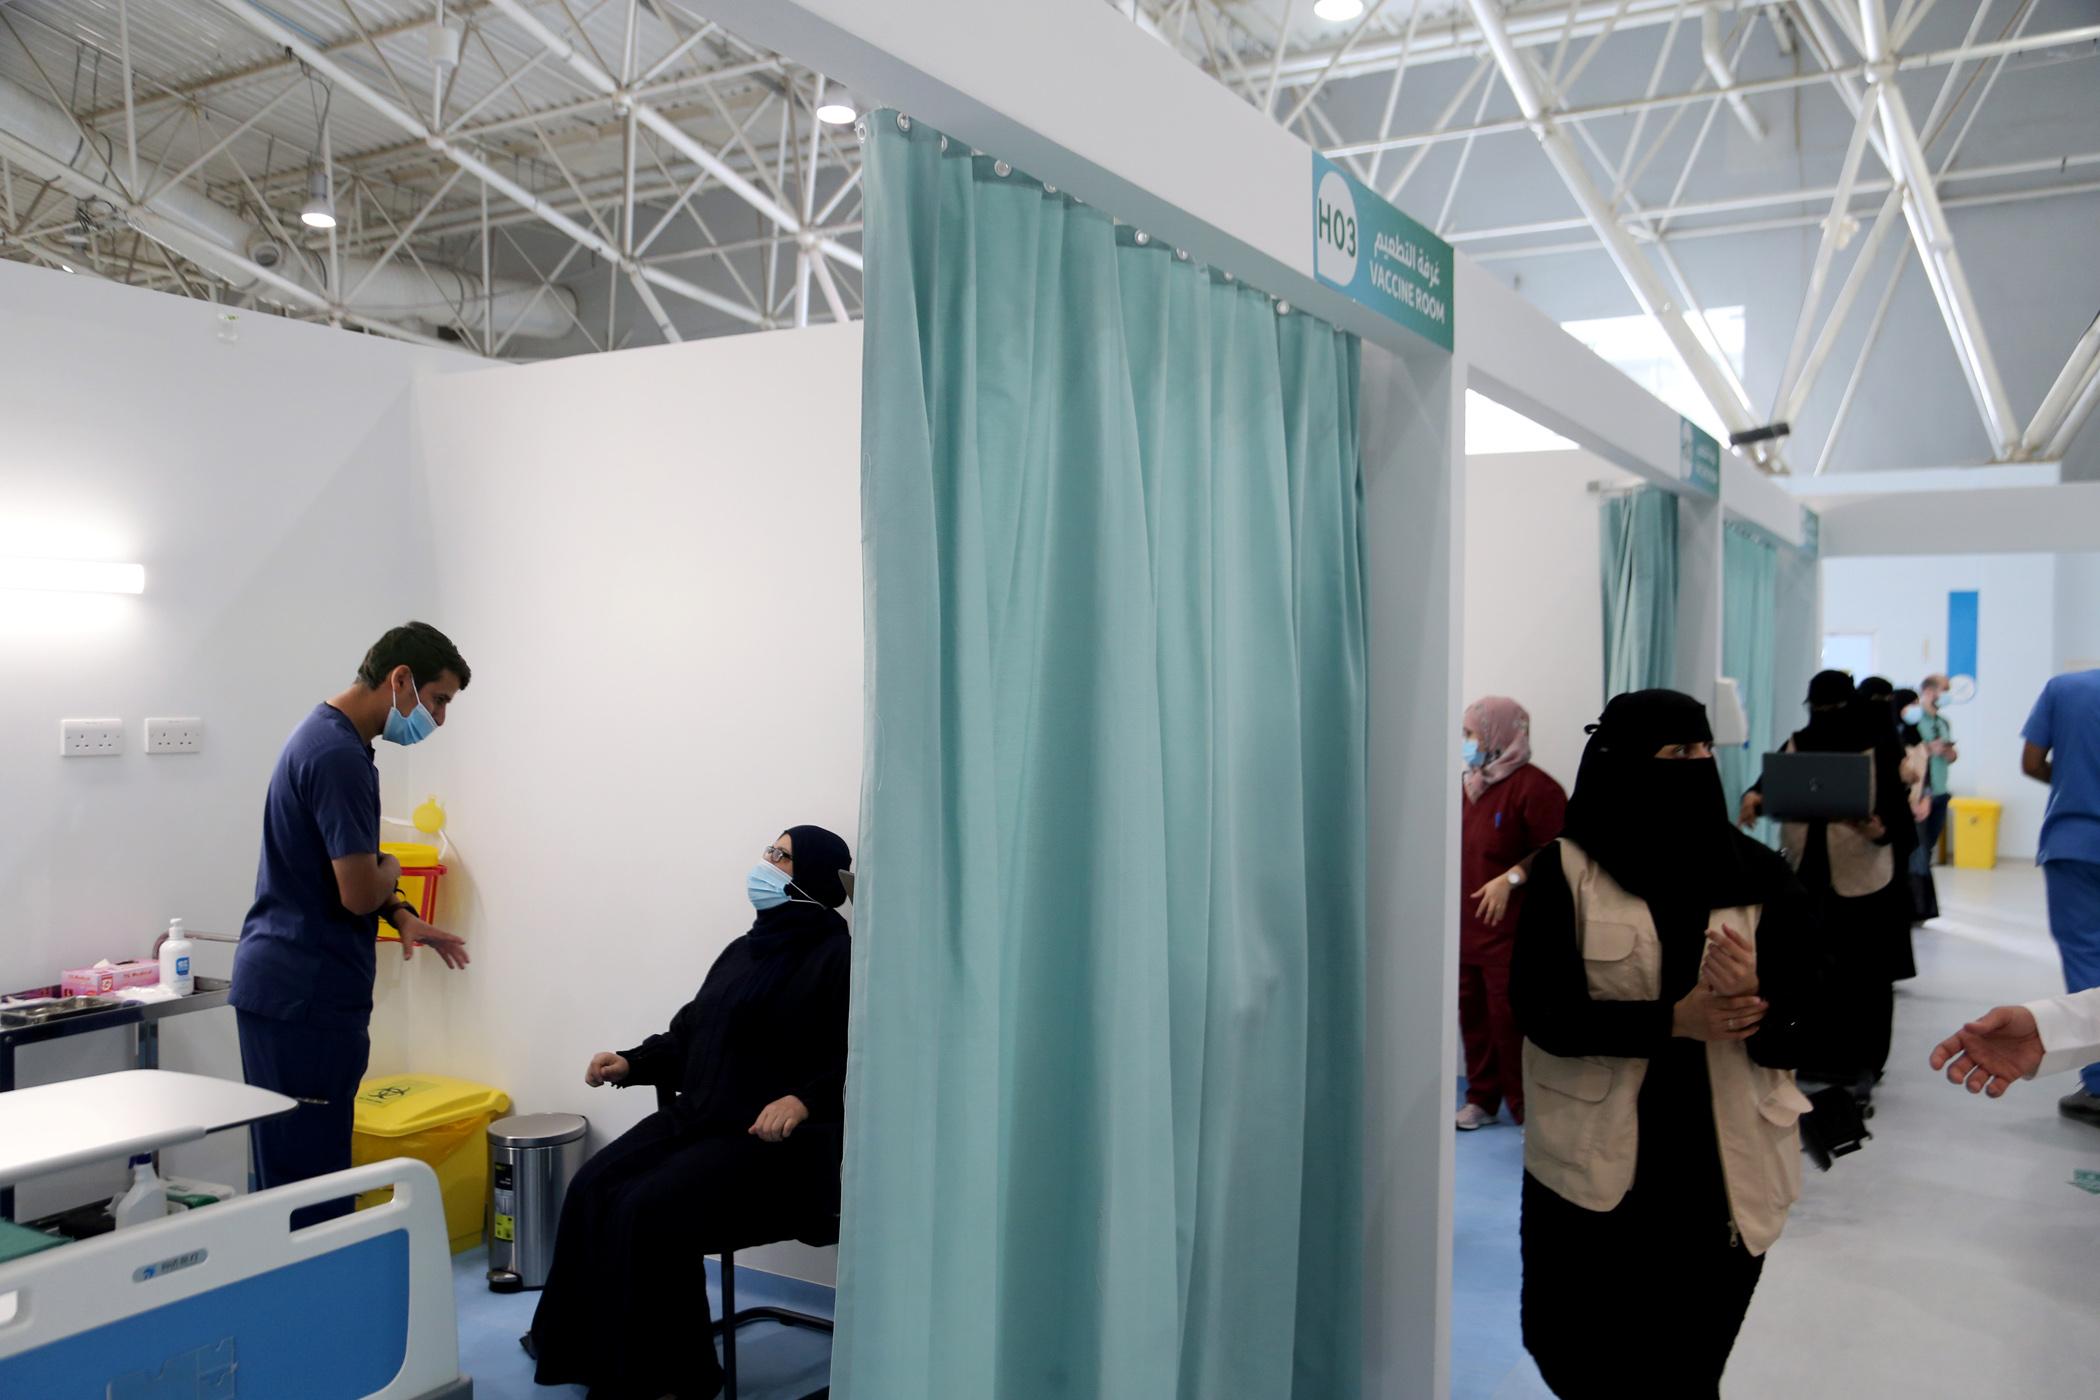 Σαουδική Αραβία: Ανοίγει και πάλι τα σύνορα και επιτρέπει διεθνείς πτήσεις